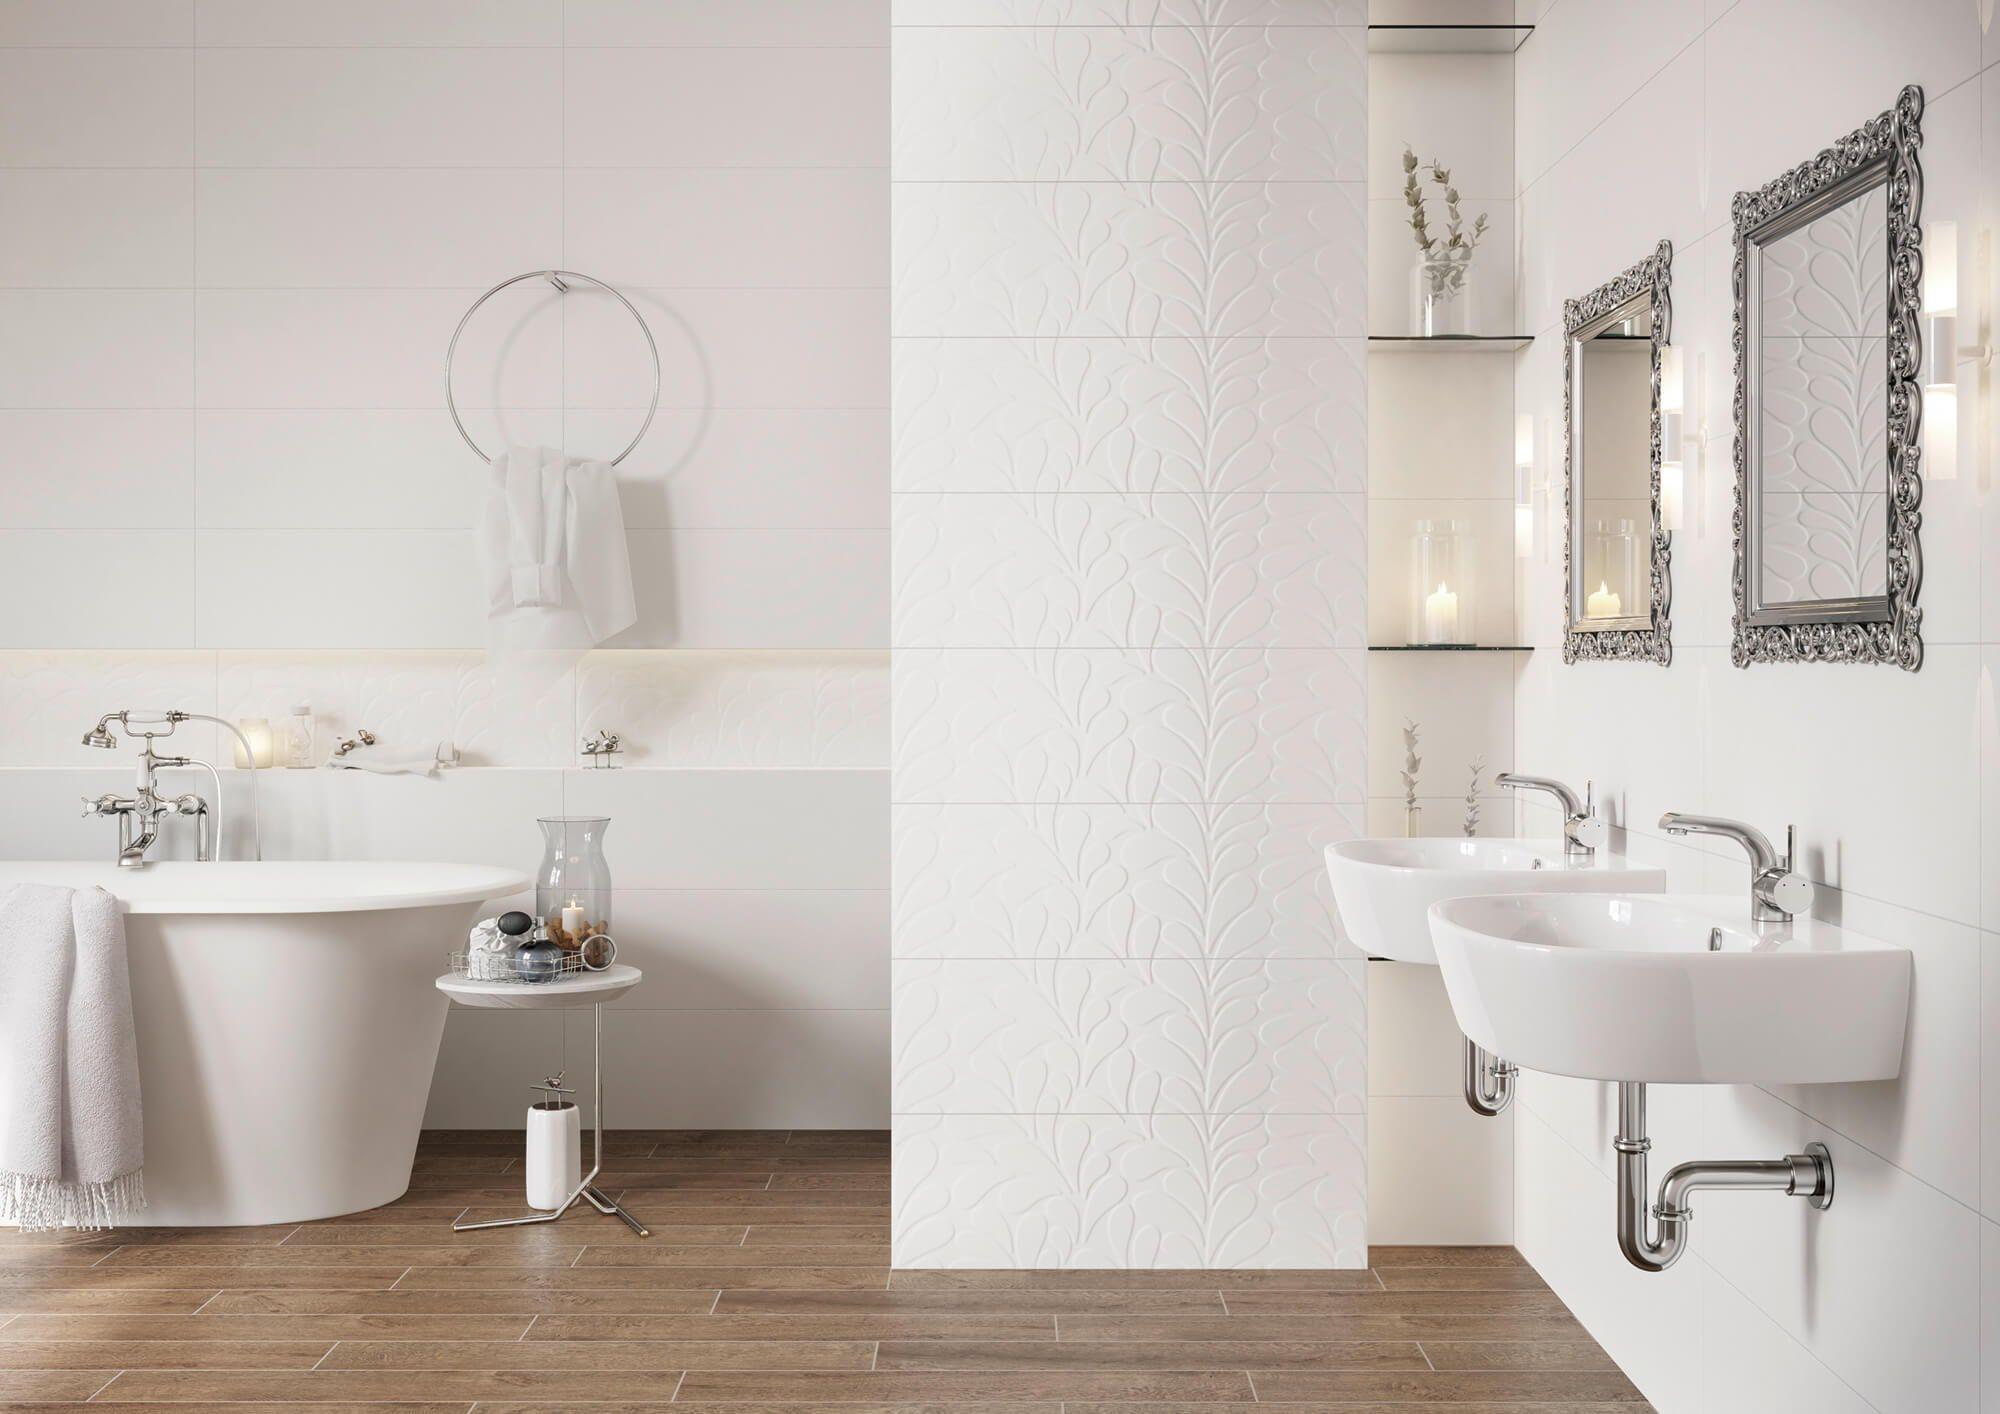 Finde Jetzt Dein Traumbad Wertvolle Tipps Von Der Planung Bis Zur Umsetzung Neues Bad